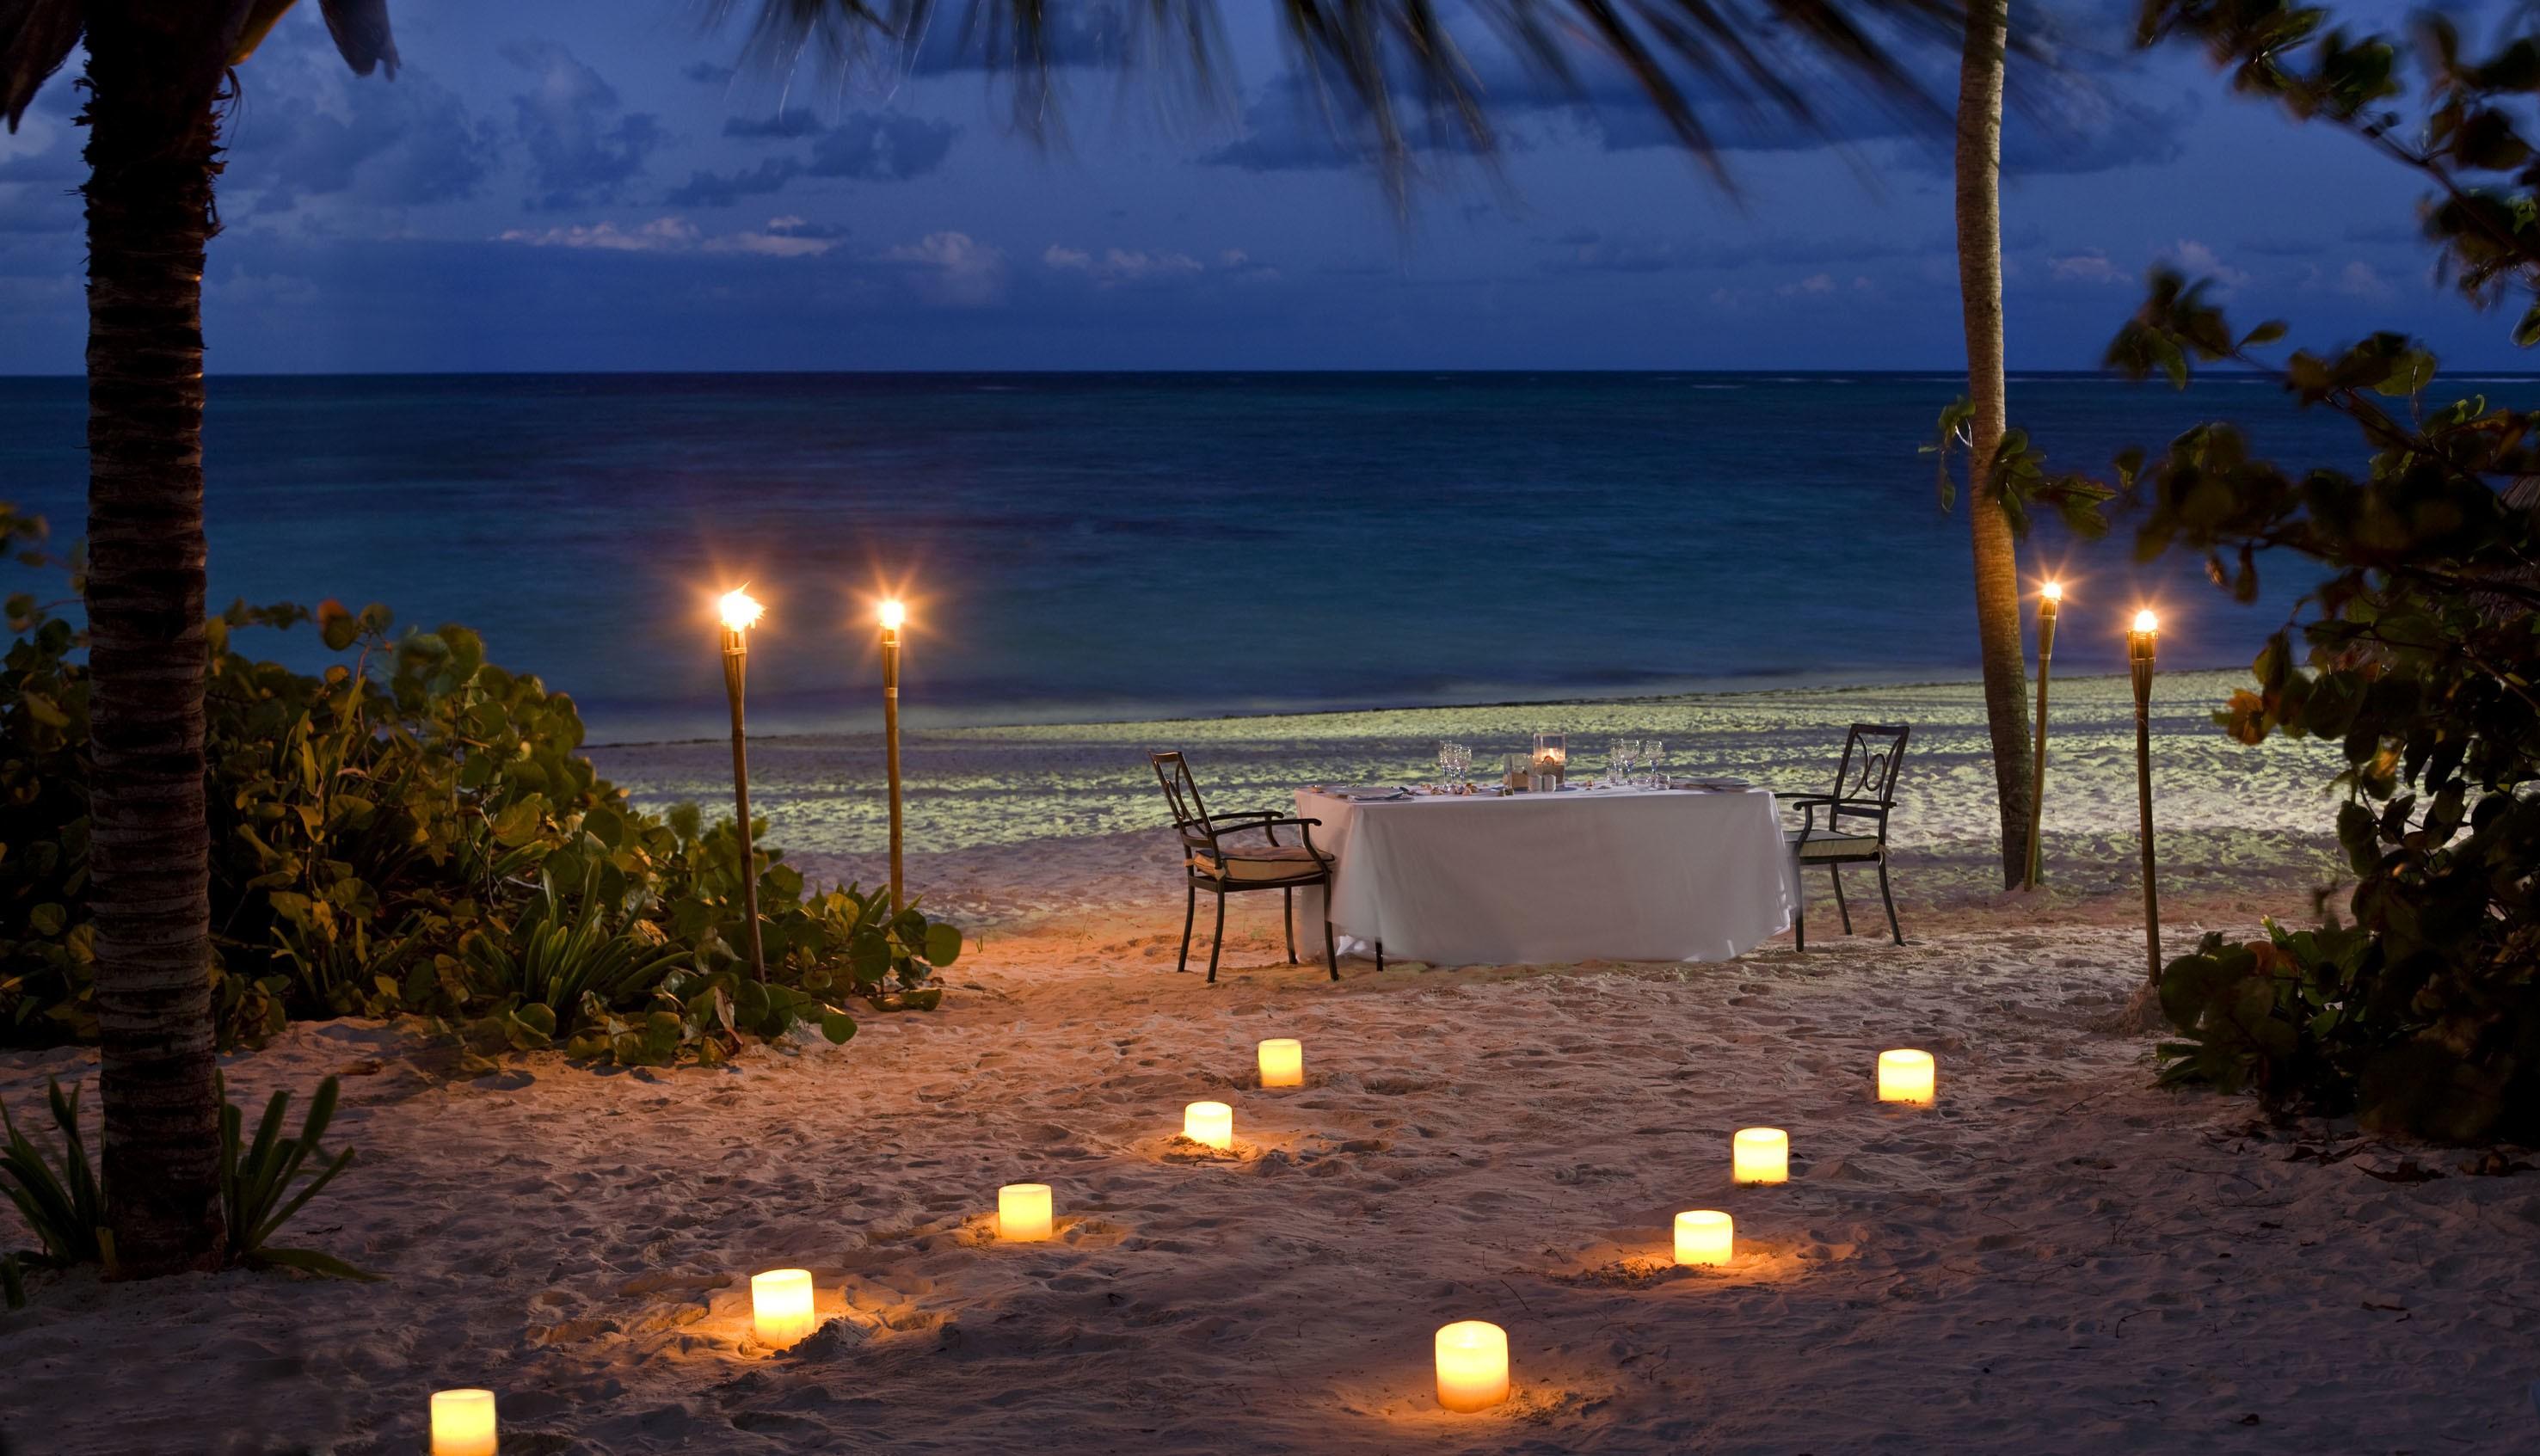 прекрасный вечер на море картинки день рождения